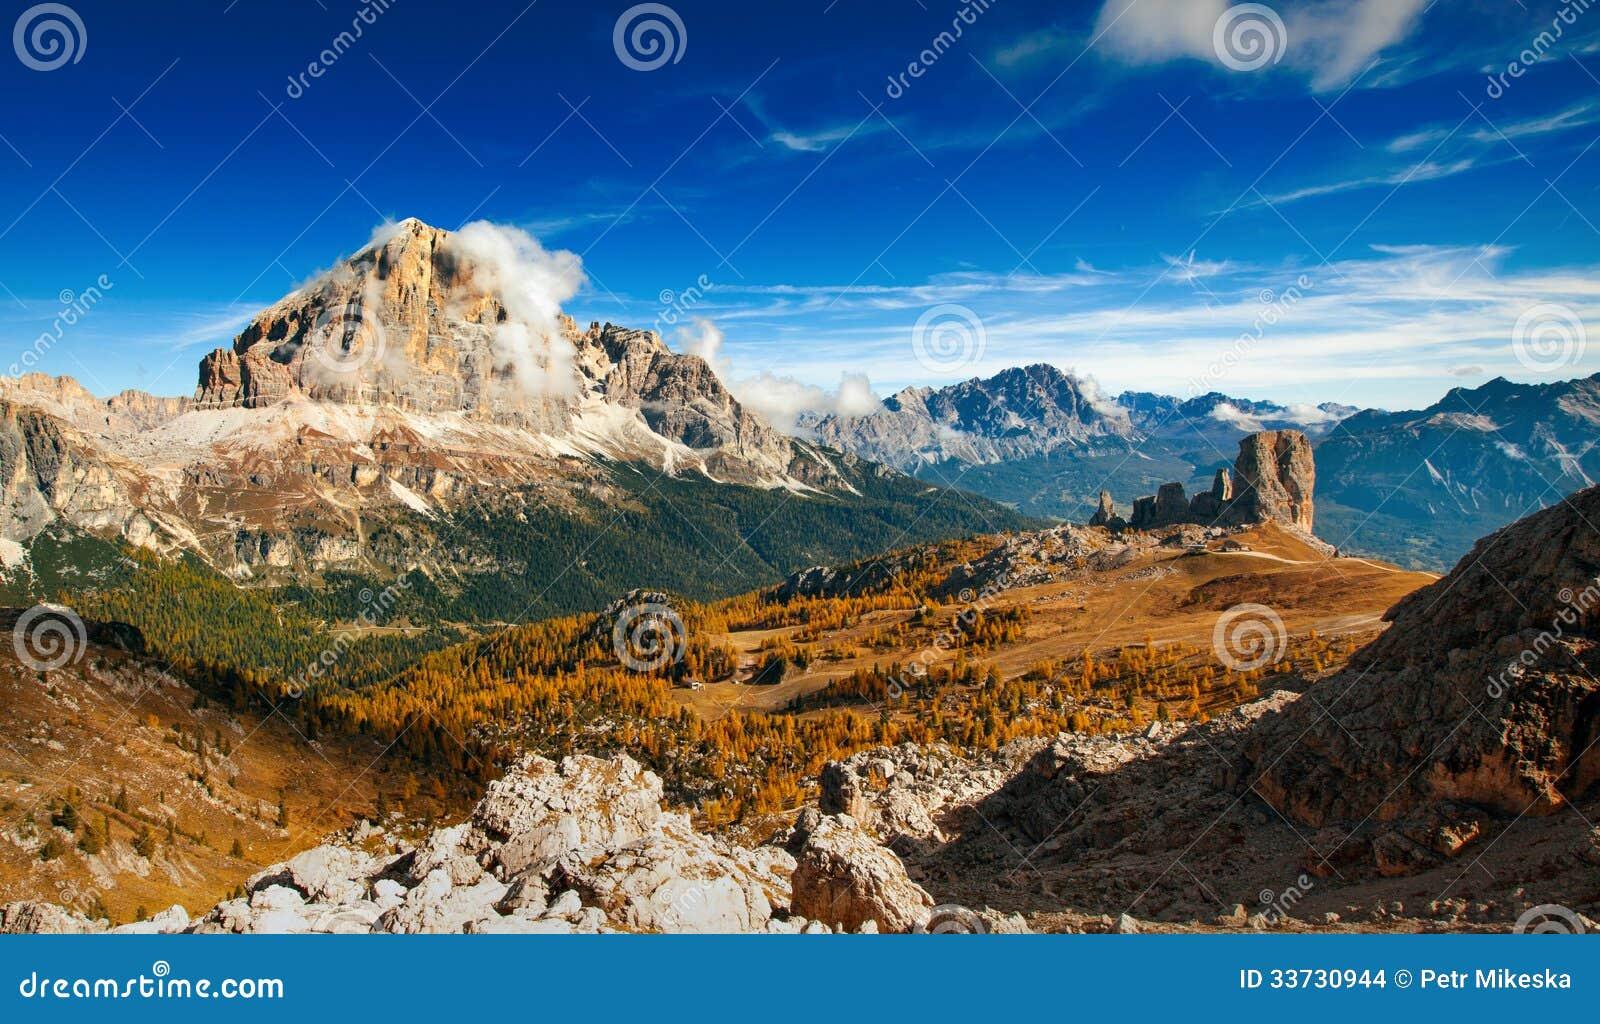 Italiensk dolomiti - panoramautsiktofhighberg